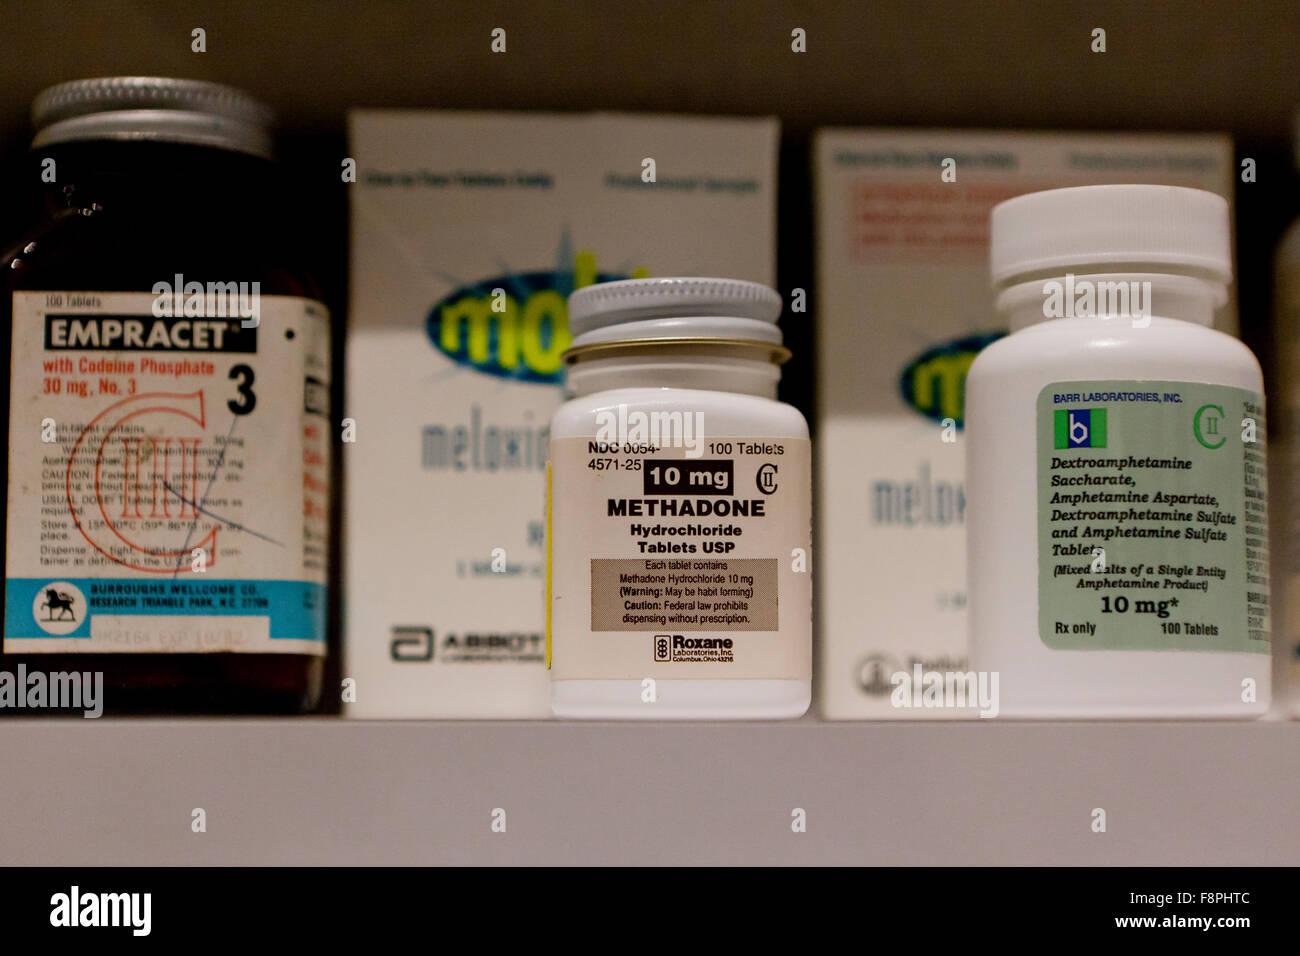 La metadona (Dolophine) sintético opioides recetados - EE.UU. Imagen De Stock